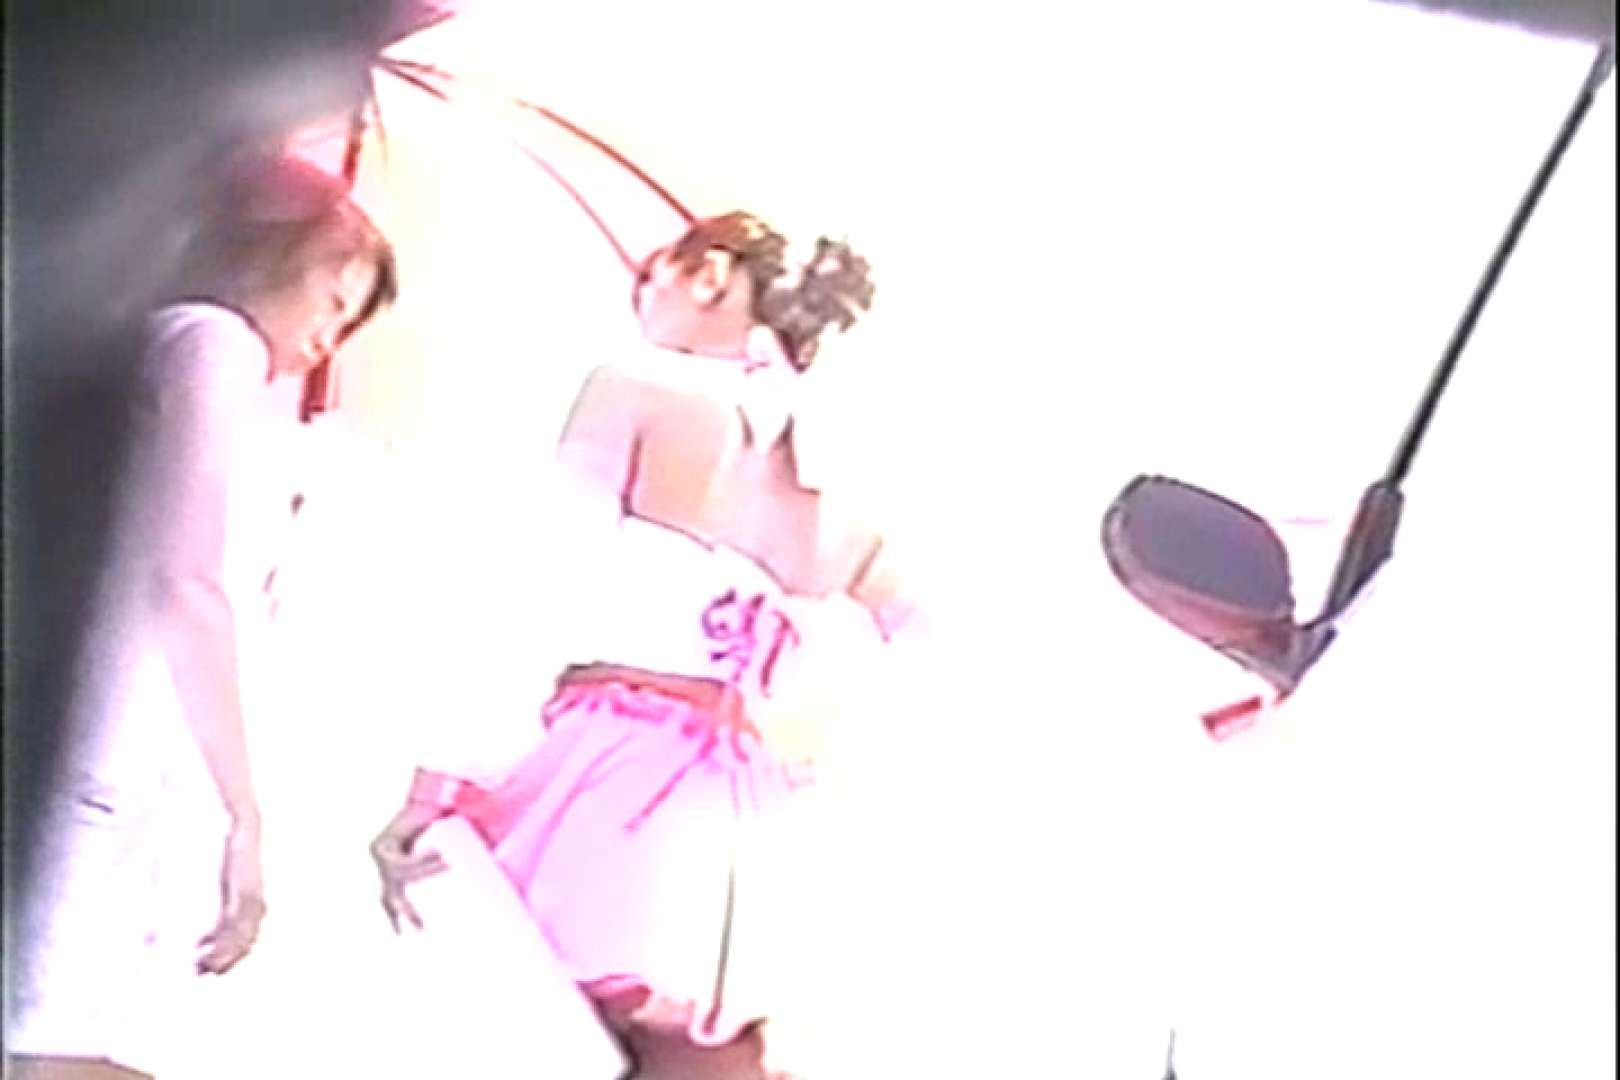 「ちくりん」さんのオリジナル未編集パンチラVol.3_01 OLの実態 | パンツ大放出  103pic 8